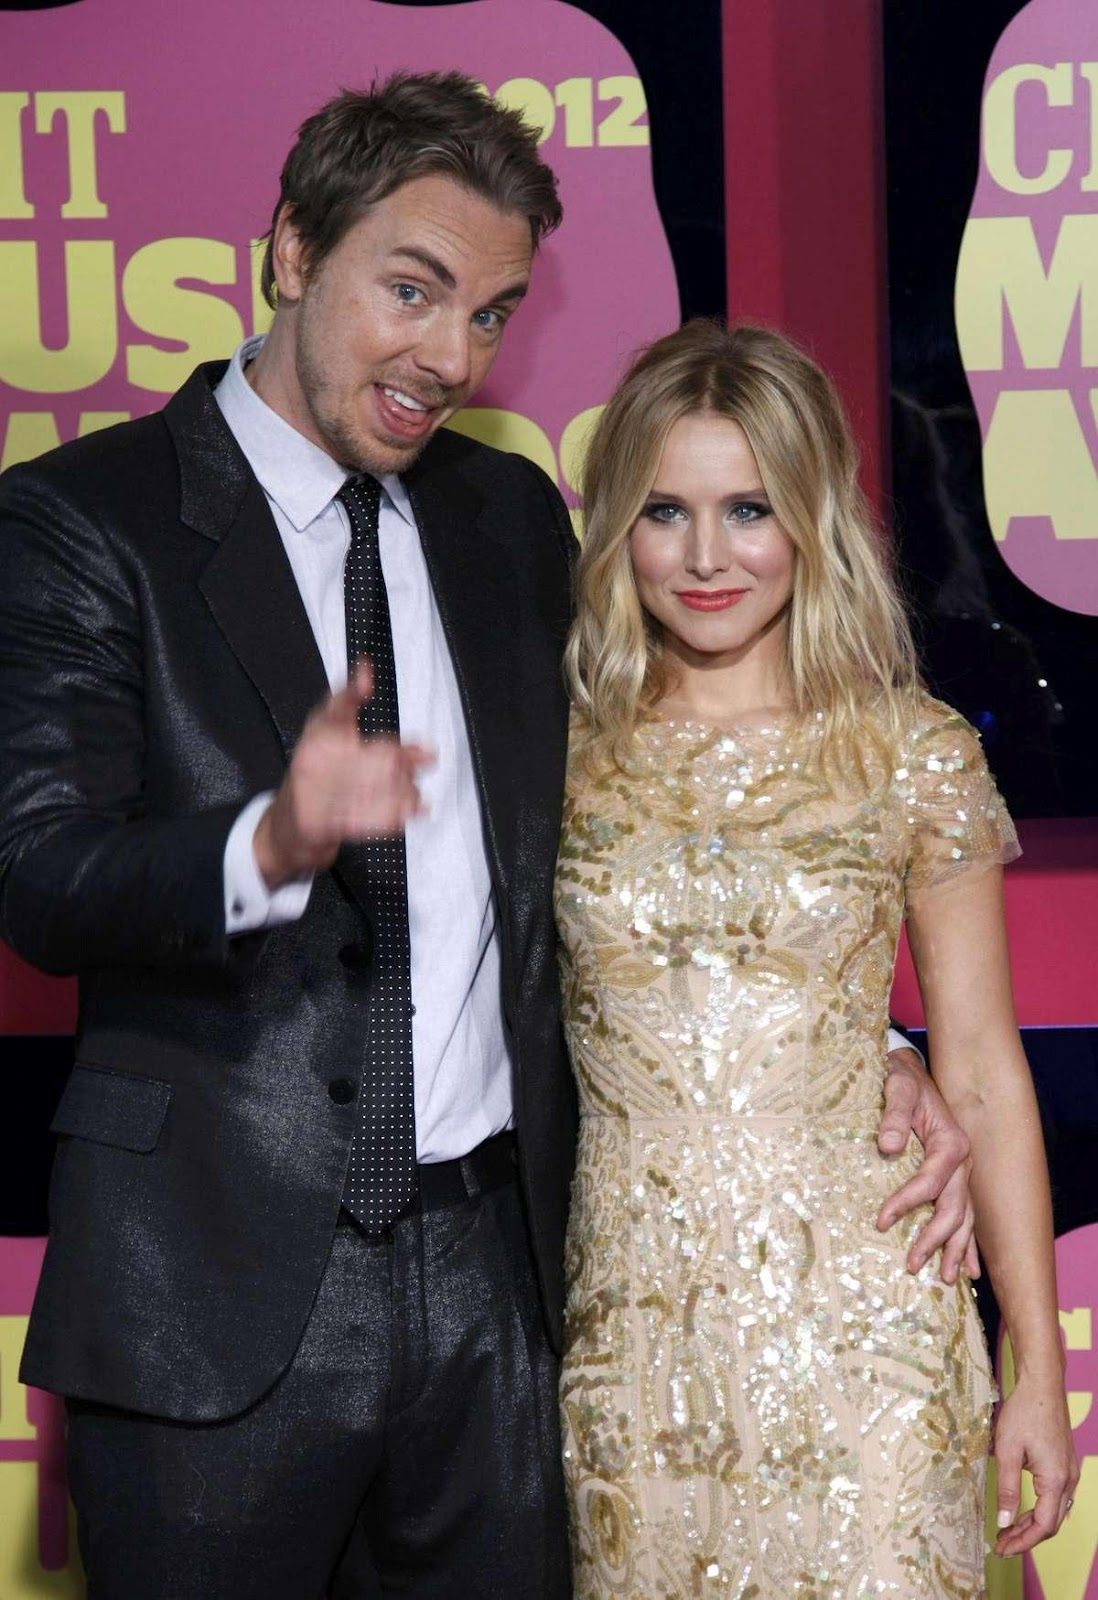 http://4.bp.blogspot.com/-U6_btXuJLQE/T-LMeJCk-PI/AAAAAAAACgk/sBks3zYS090/s1600/Kristen+Bell+-+CMT+Music+Awards-08.jpg